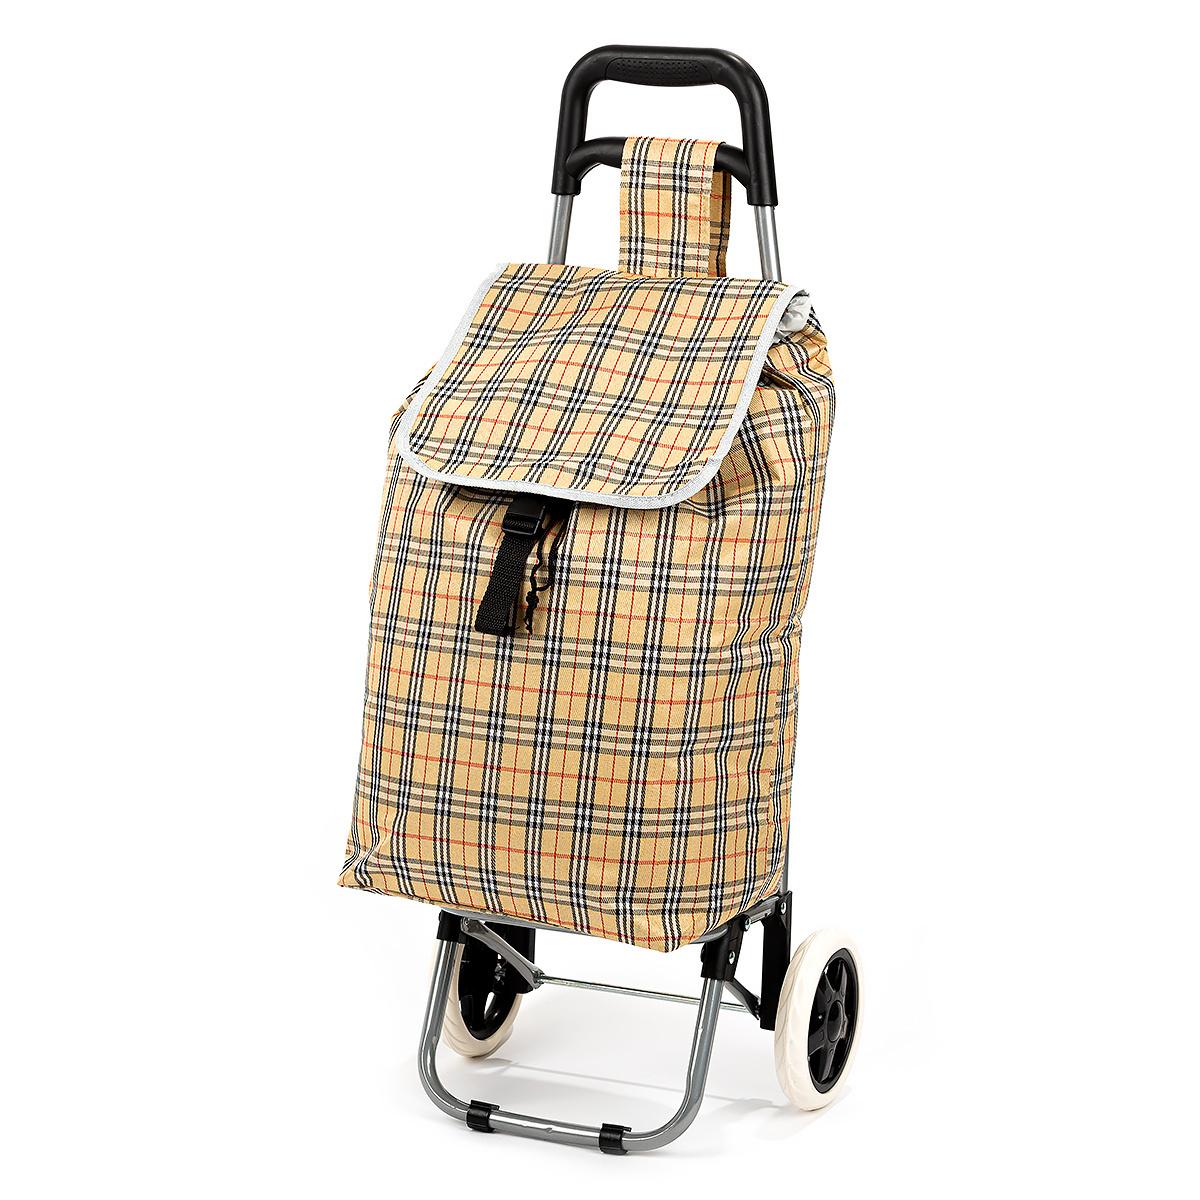 Nákupná taška na kolieskach Kocka, béžová